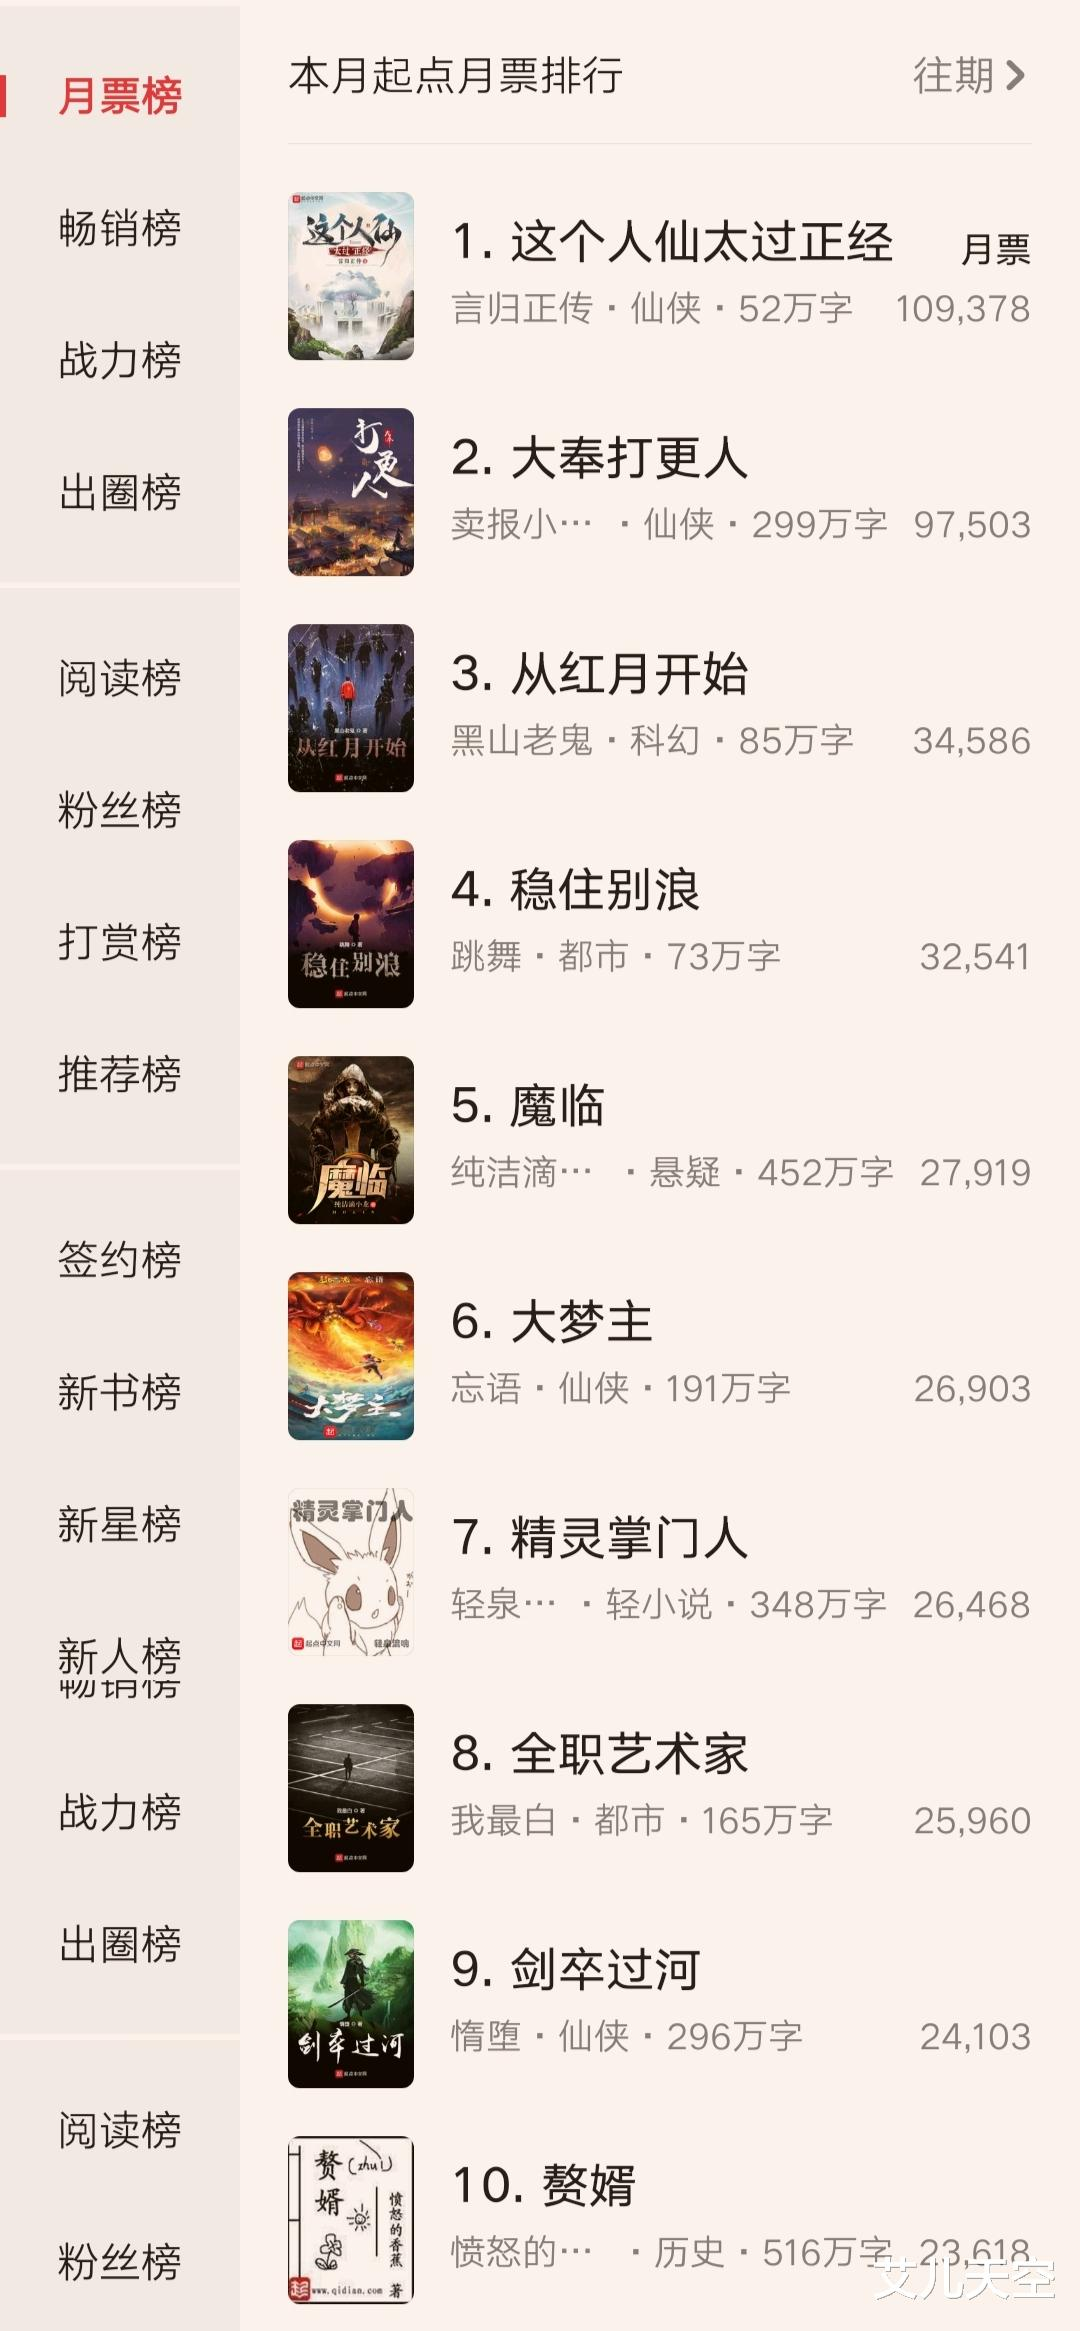 仙侠大神言归正传新书收获千万打赏,反超《大奉打更人》登顶起点月票榜,厉害了